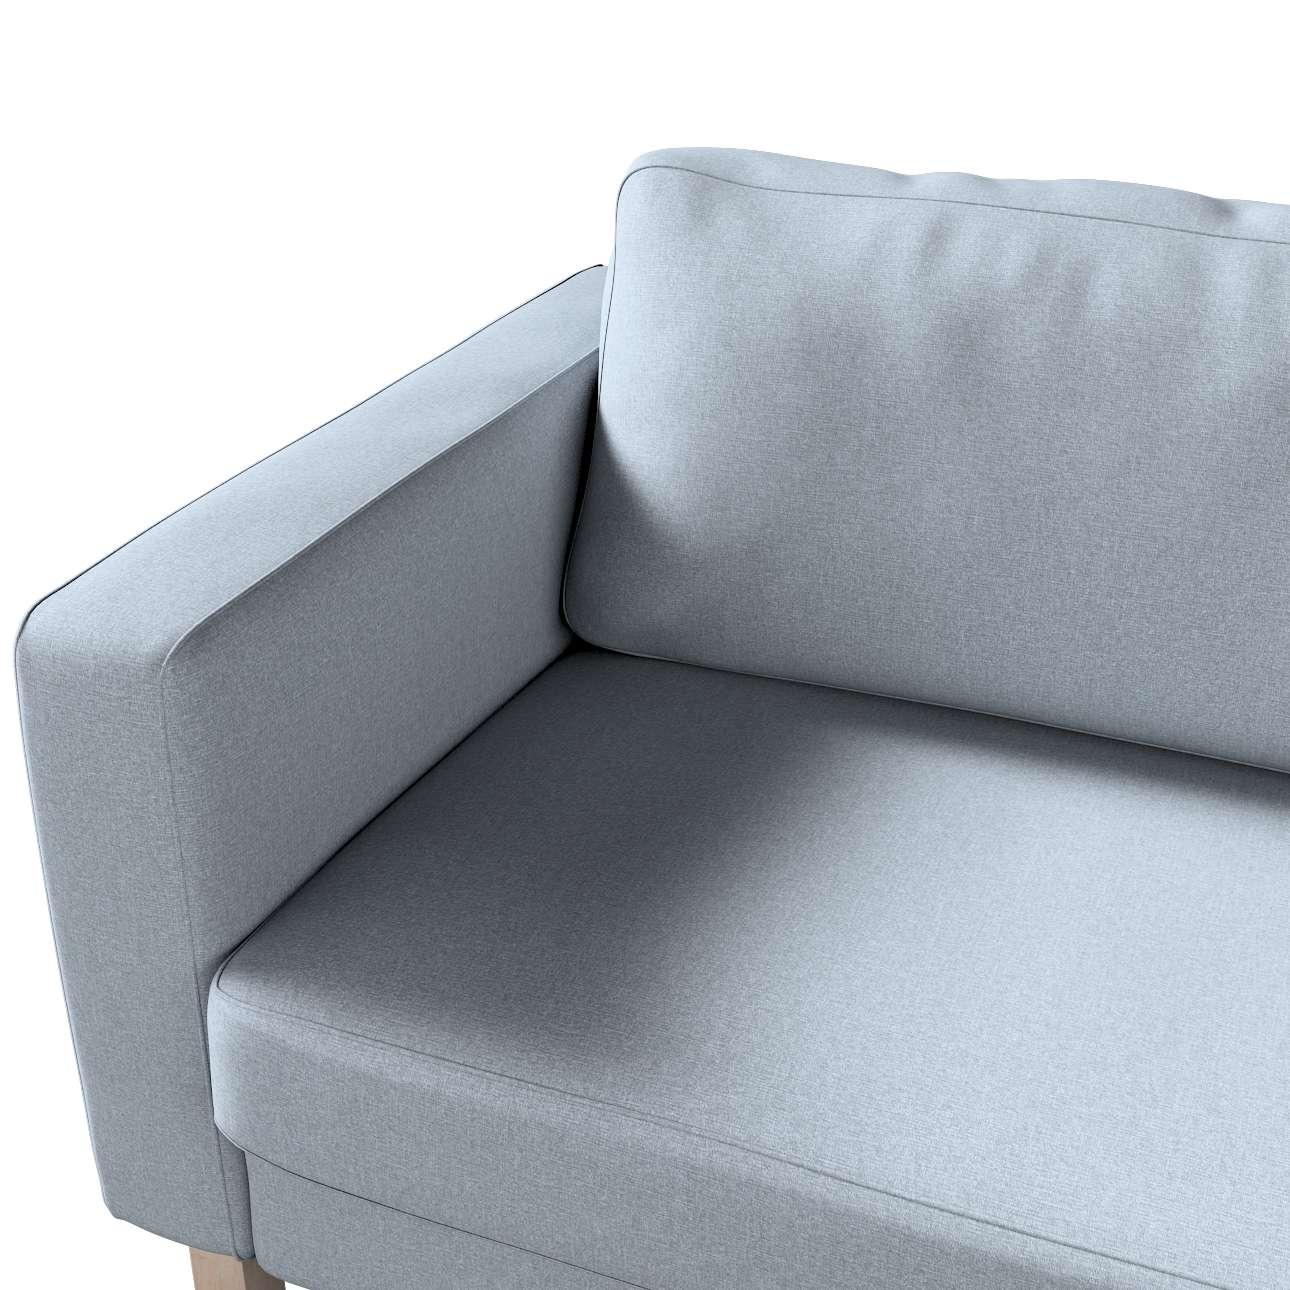 Pokrowiec na sofę Karlstad 3-osobową nierozkładaną, krótki w kolekcji Amsterdam, tkanina: 704-46